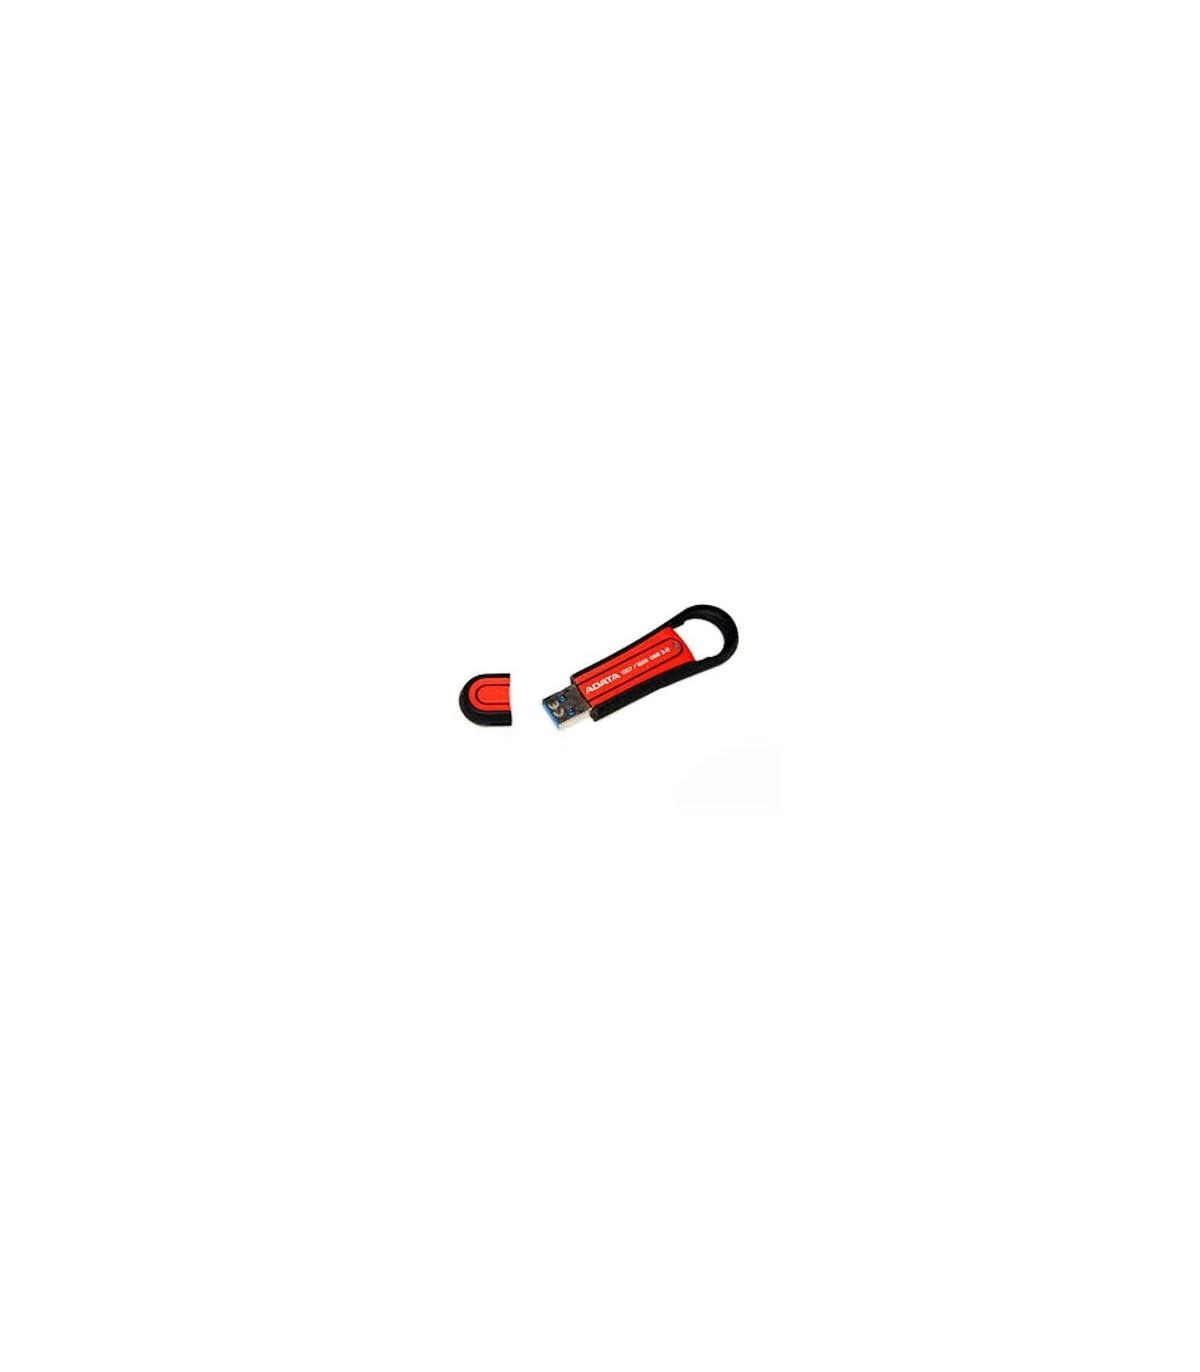 فلش مموری ای دیتا 16 گیگابایت Durable S107 USB 3.0